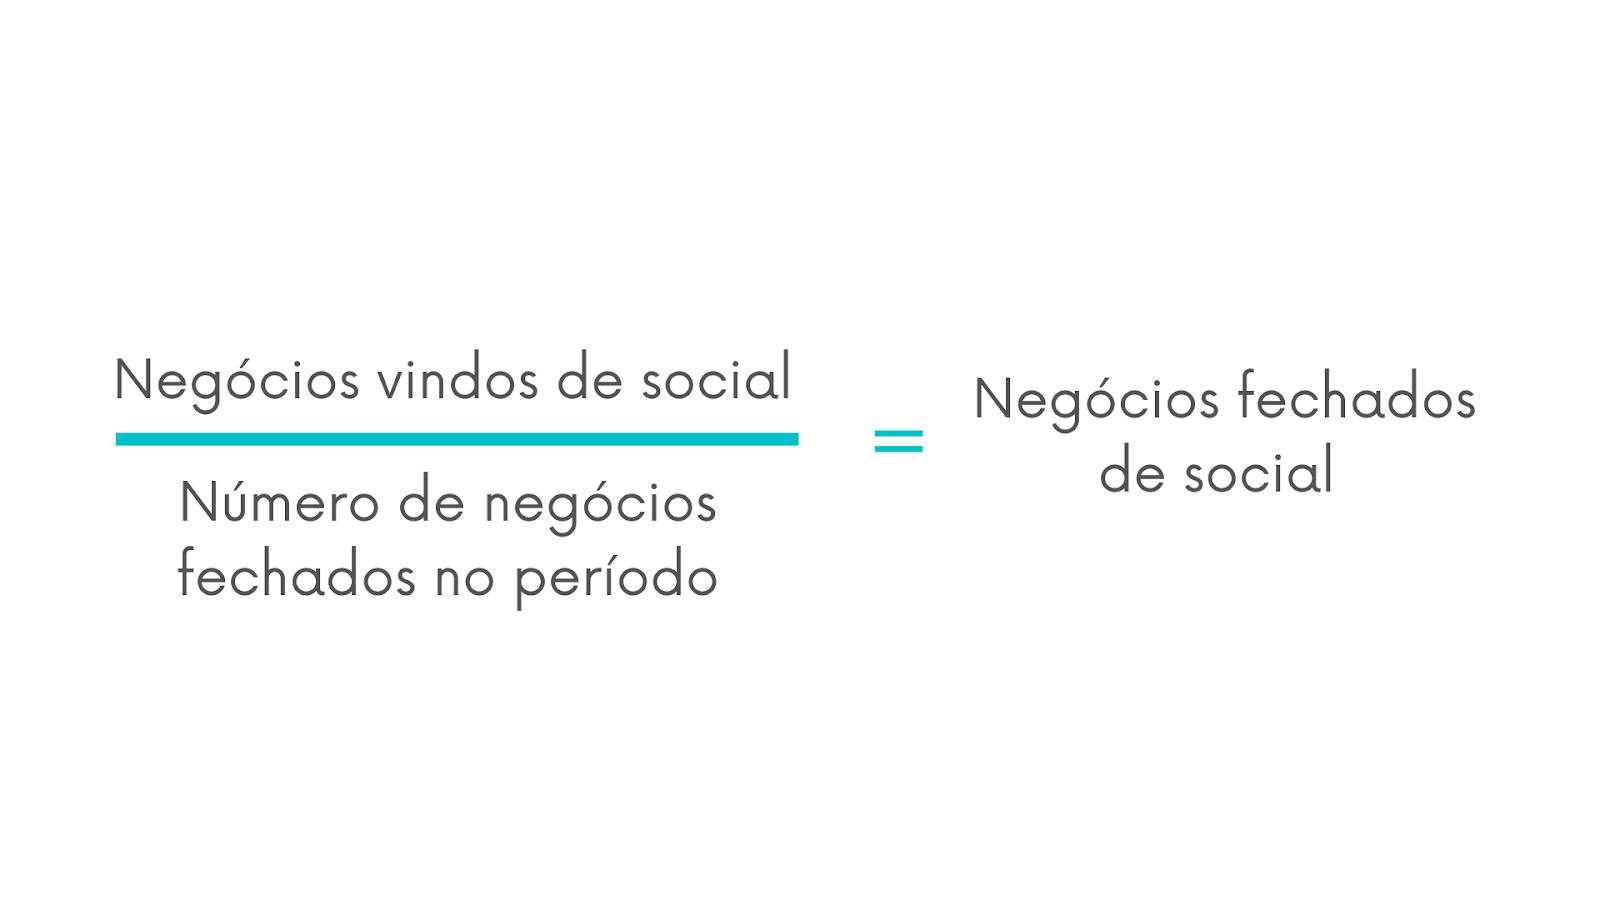 Fórmula para calcular os negócios vindos de social selling